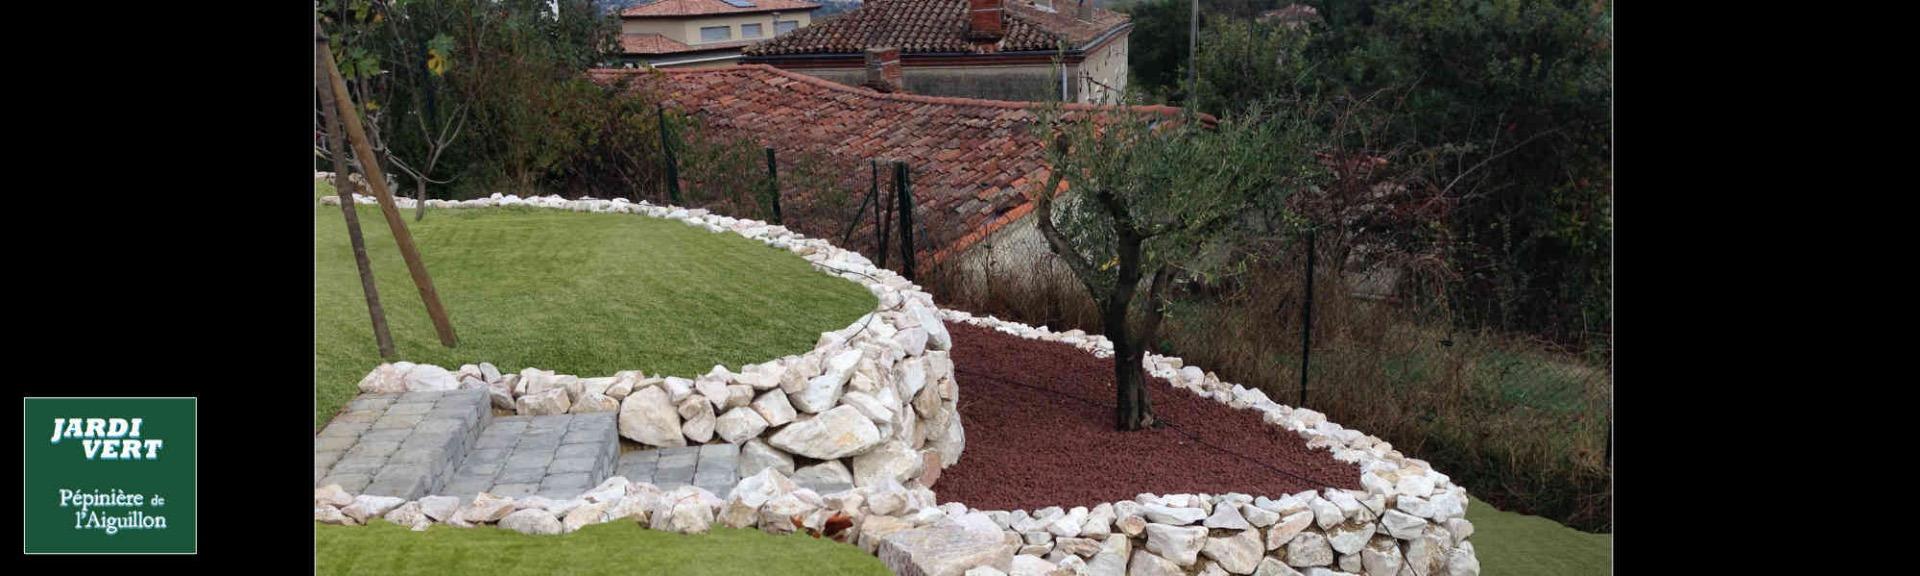 Vente et plantation d'olivier à Toulouse - Jardi Vert, pépinière de l'Aiguillon